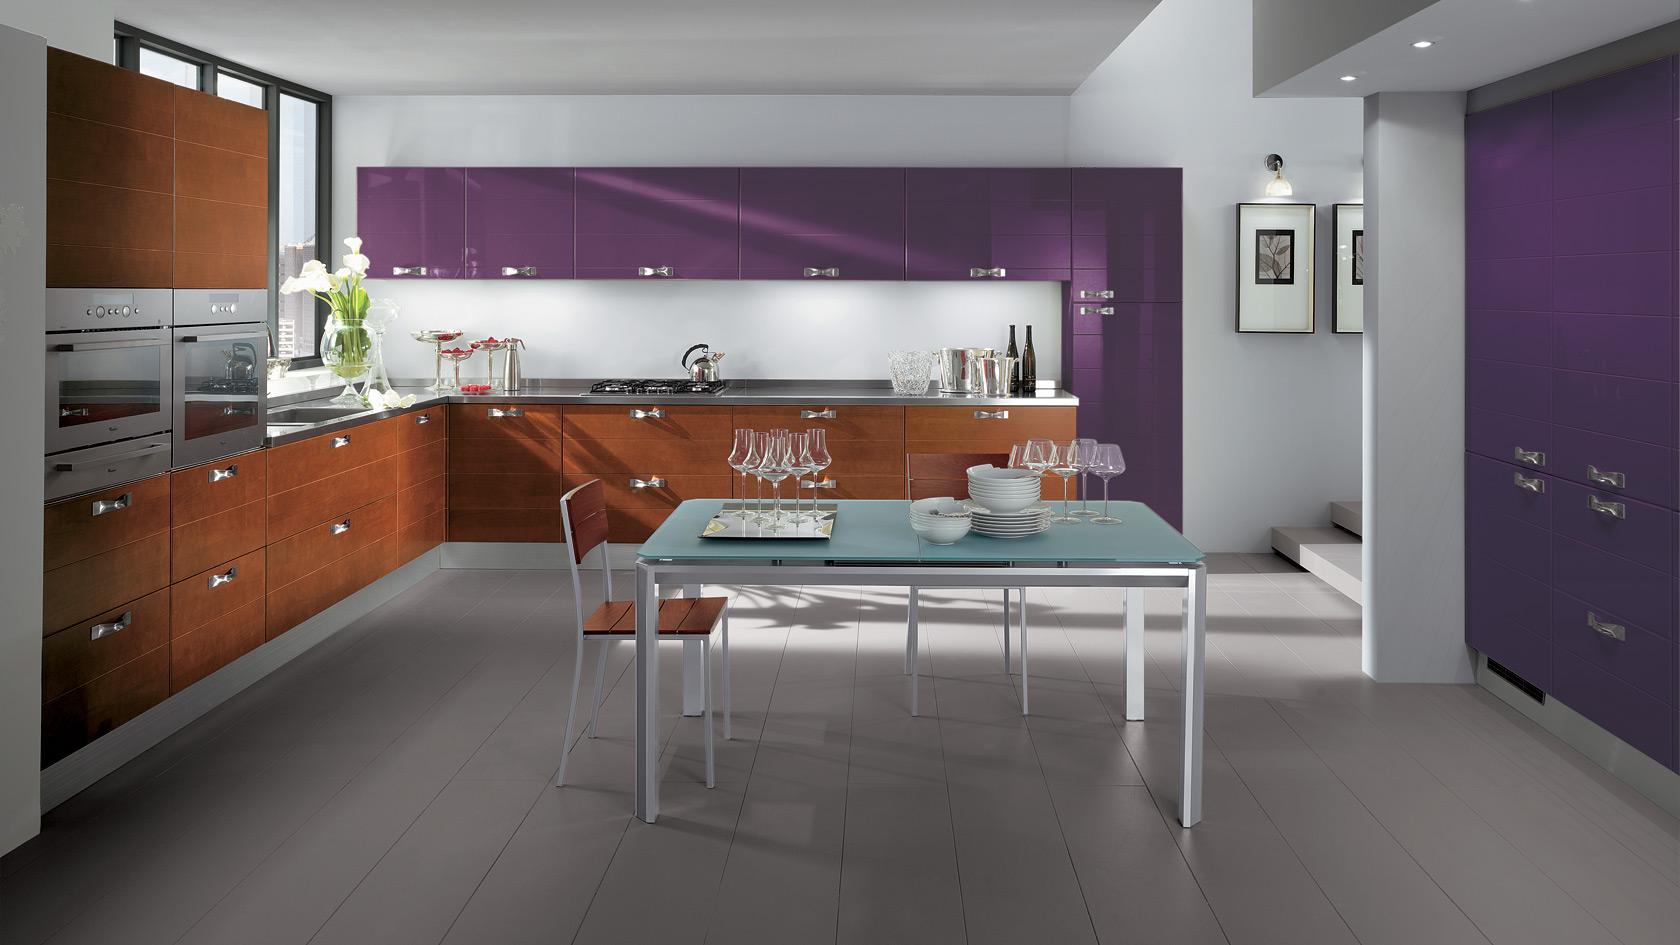 In cucina diamo spazio al colore casa di stile - Come abbinare cucina e pavimento ...